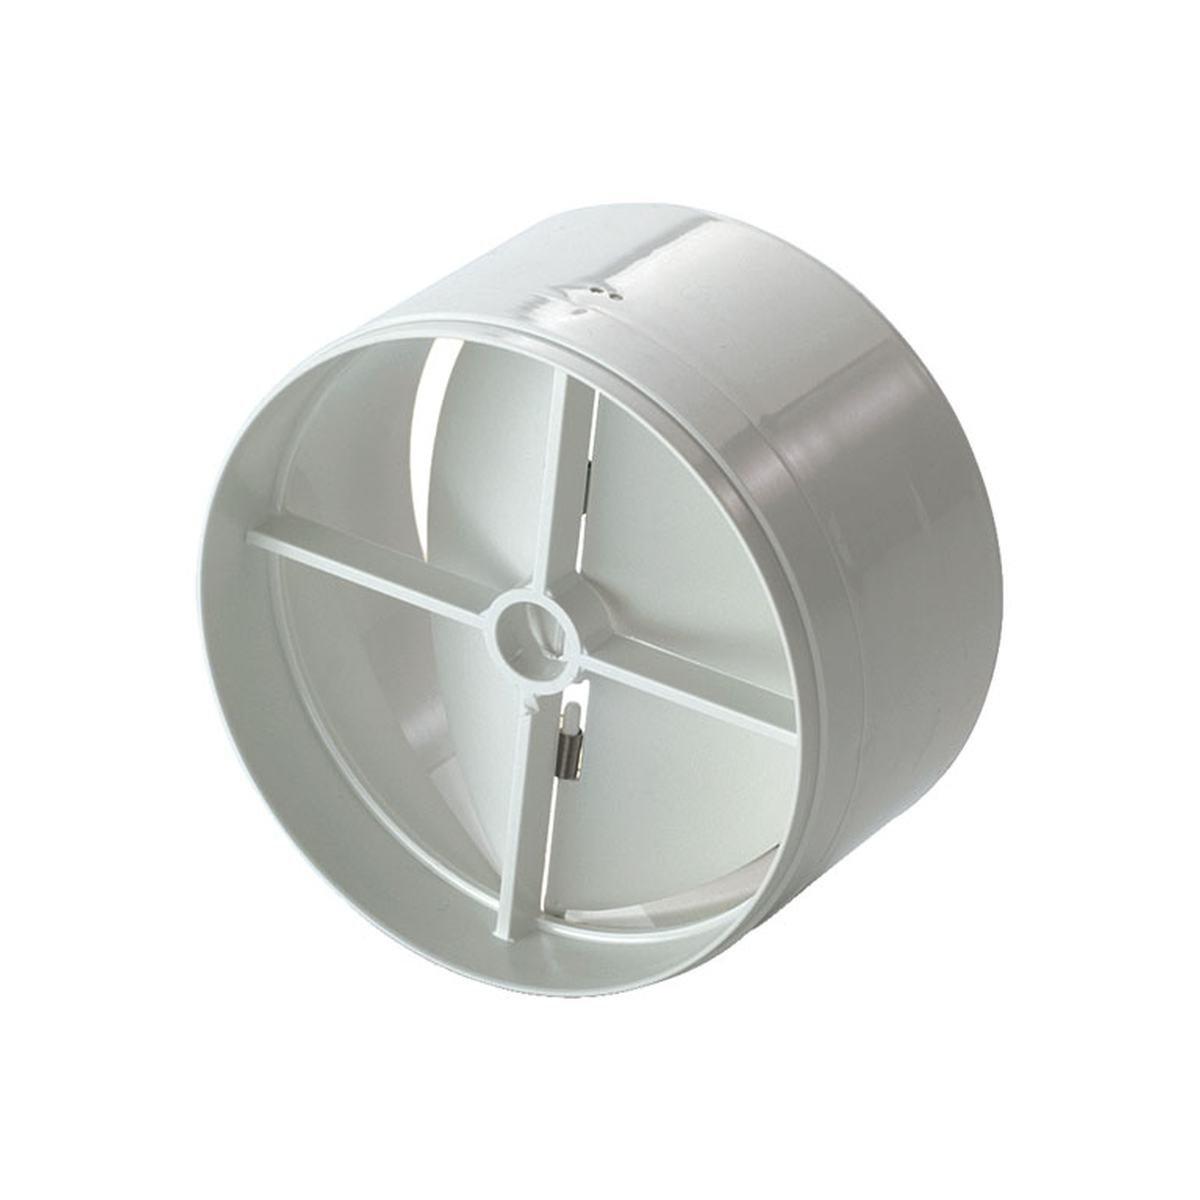 Vindstop / spjæld i plast til Ø125 mm. rør